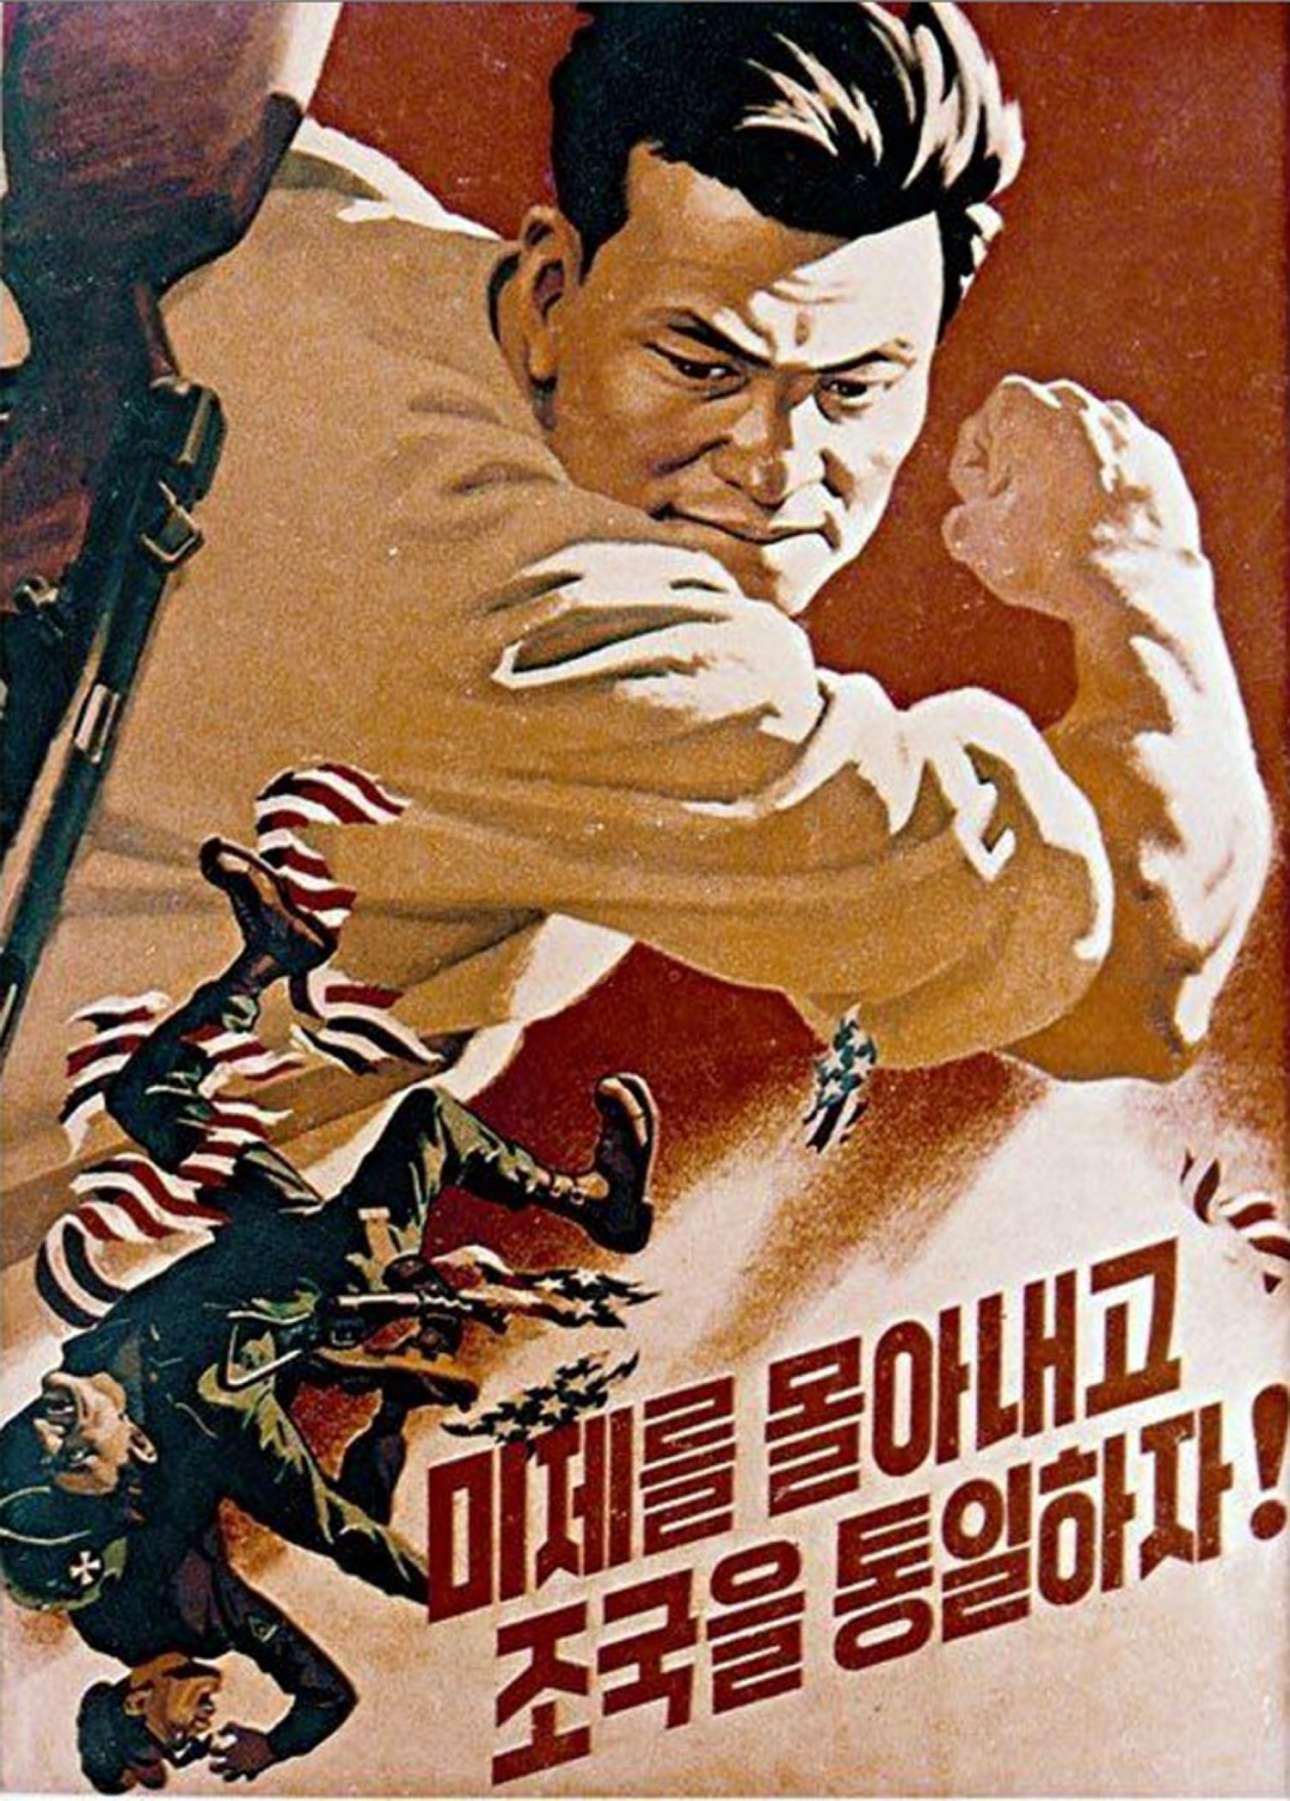 Η βορειοκορεατική προπαγανδιστική αφίσα προτρέπει τους πολίτες να «διώξουν τους Αμερικανούς και να ενώσουν την Πατρίδα»